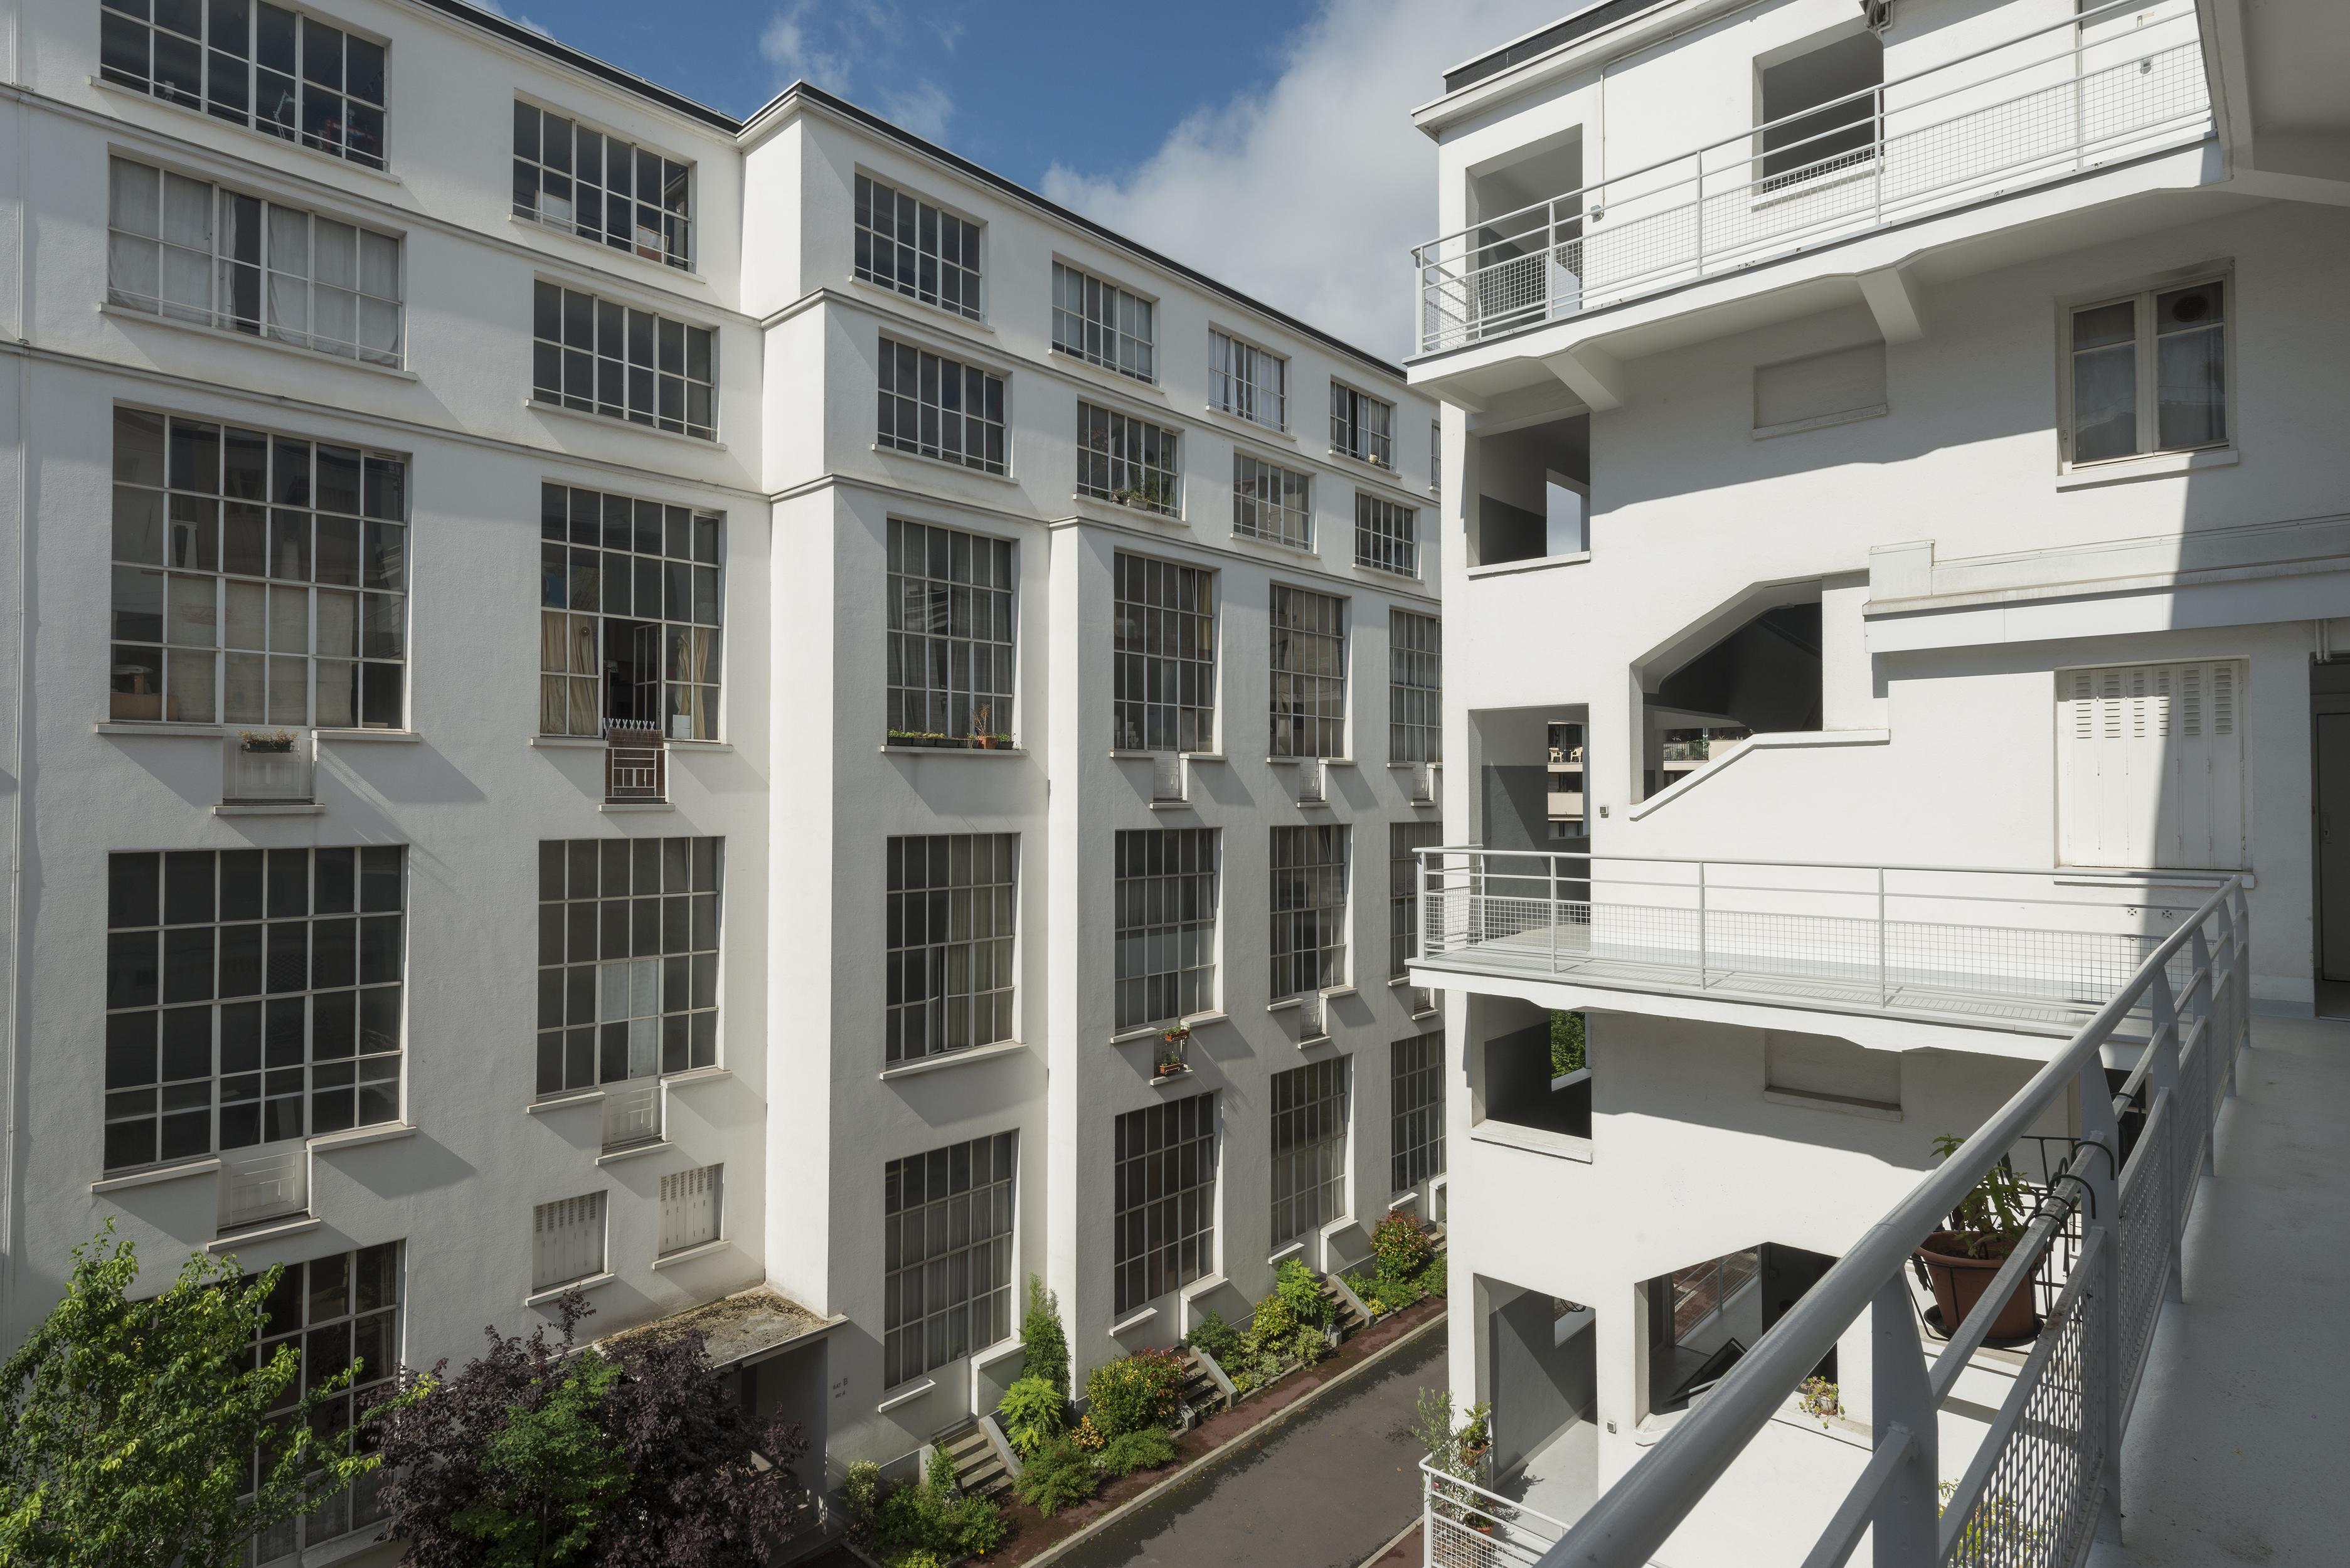 Cité Montmartre aux artistes rue Ordener à Paris 13ème